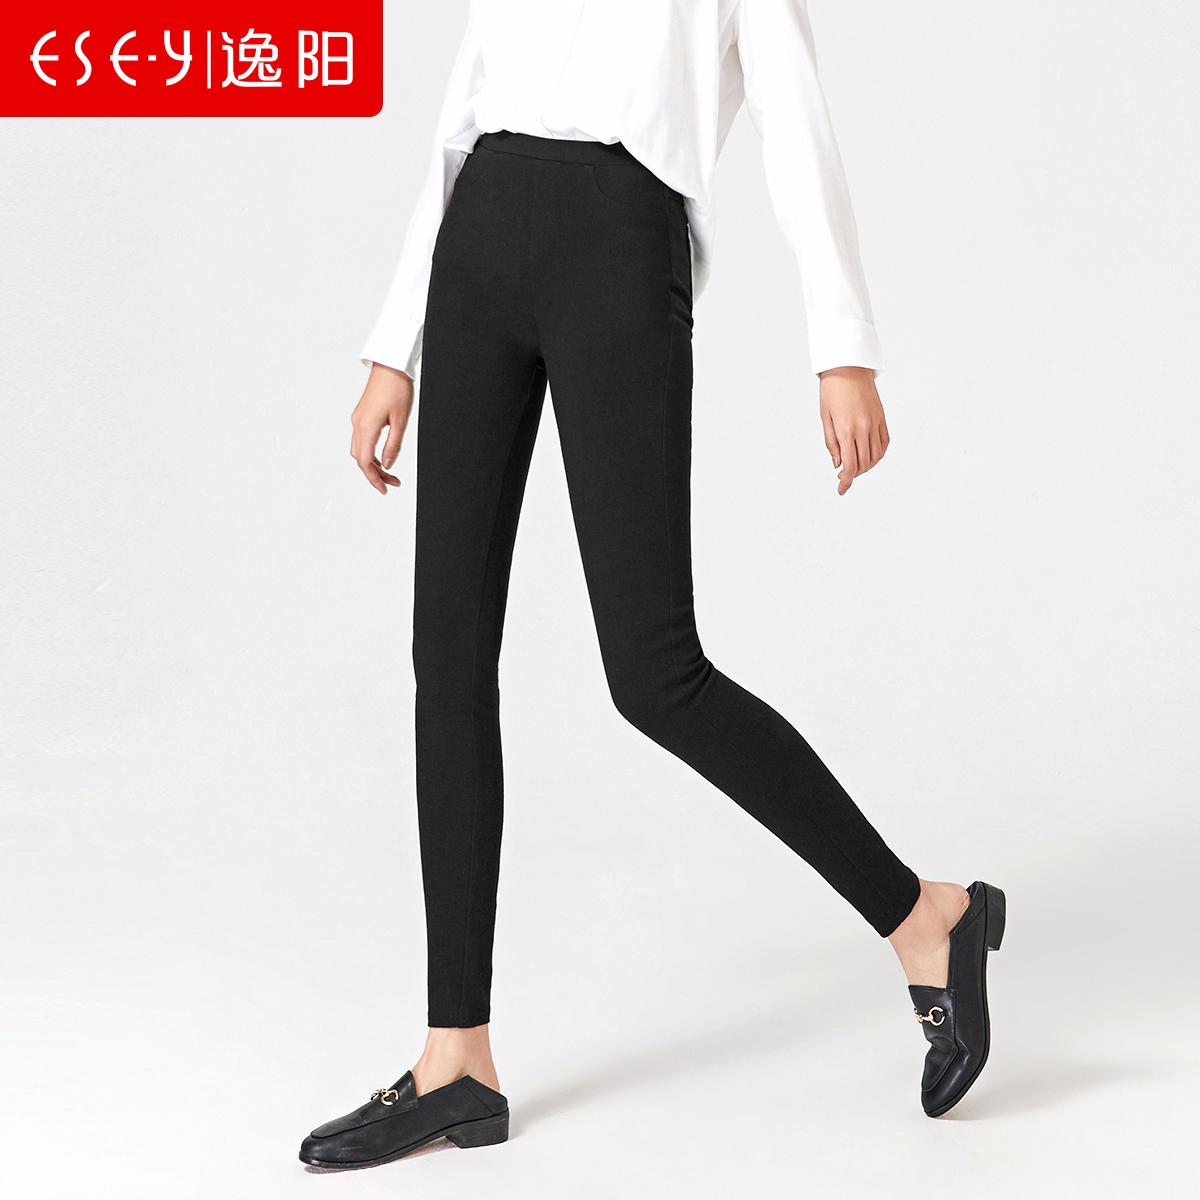 逸阳打底裤女外穿春秋薄款2019新款小脚紧身显瘦黑色铅笔高腰裤子